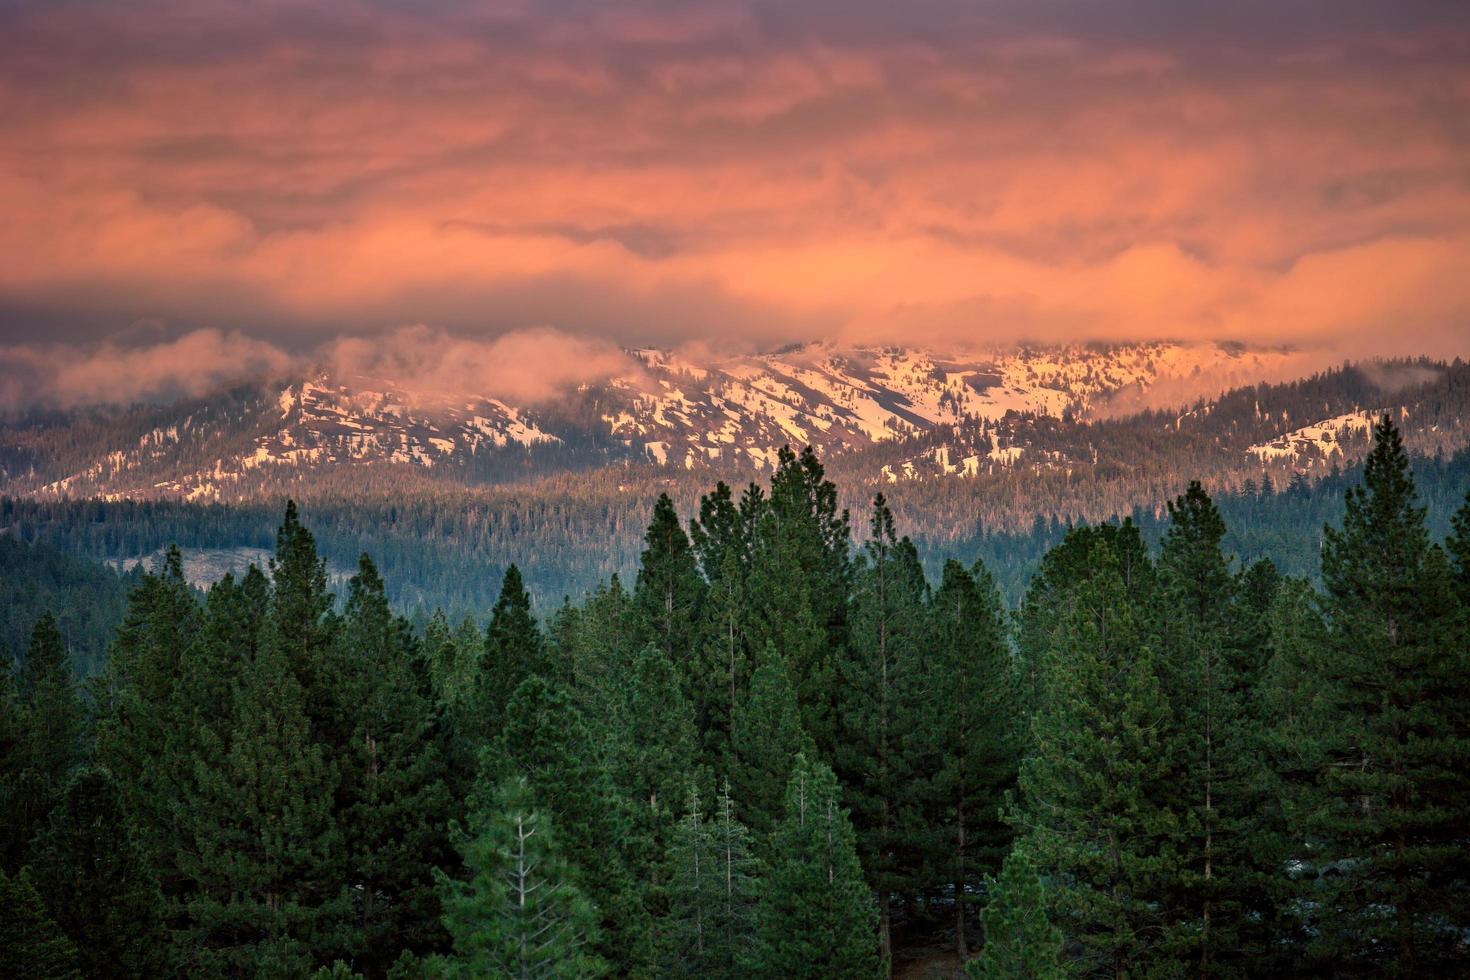 árvores na frente das montanhas ao pôr do sol foto